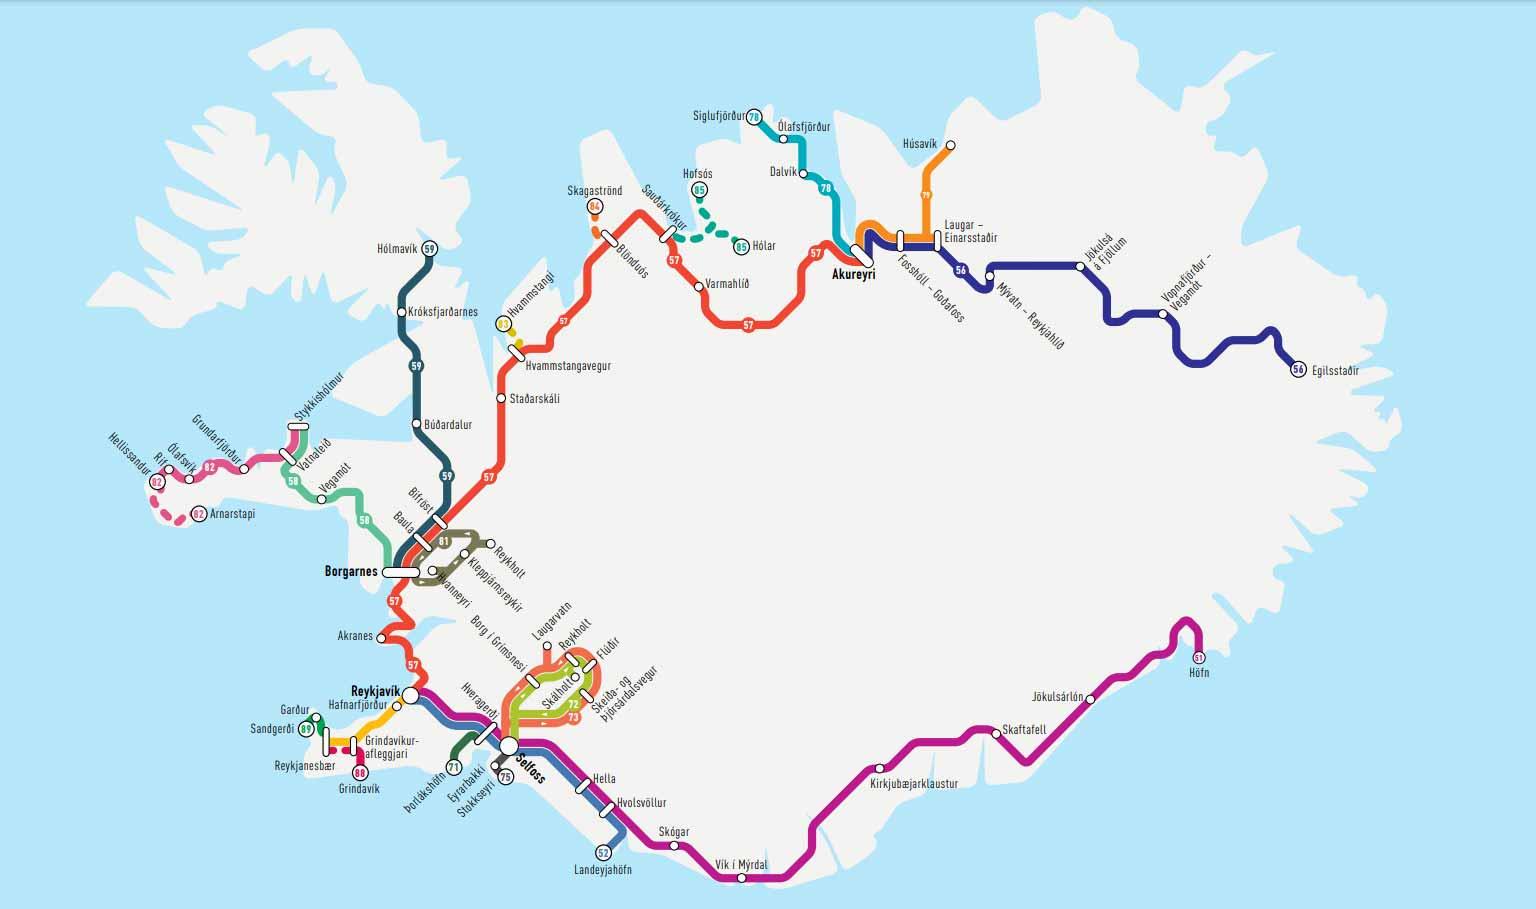 Mapa que detalla las rutas del Norte, Sur, Oeste, Noroeste y Noreste para moverse por Islandia